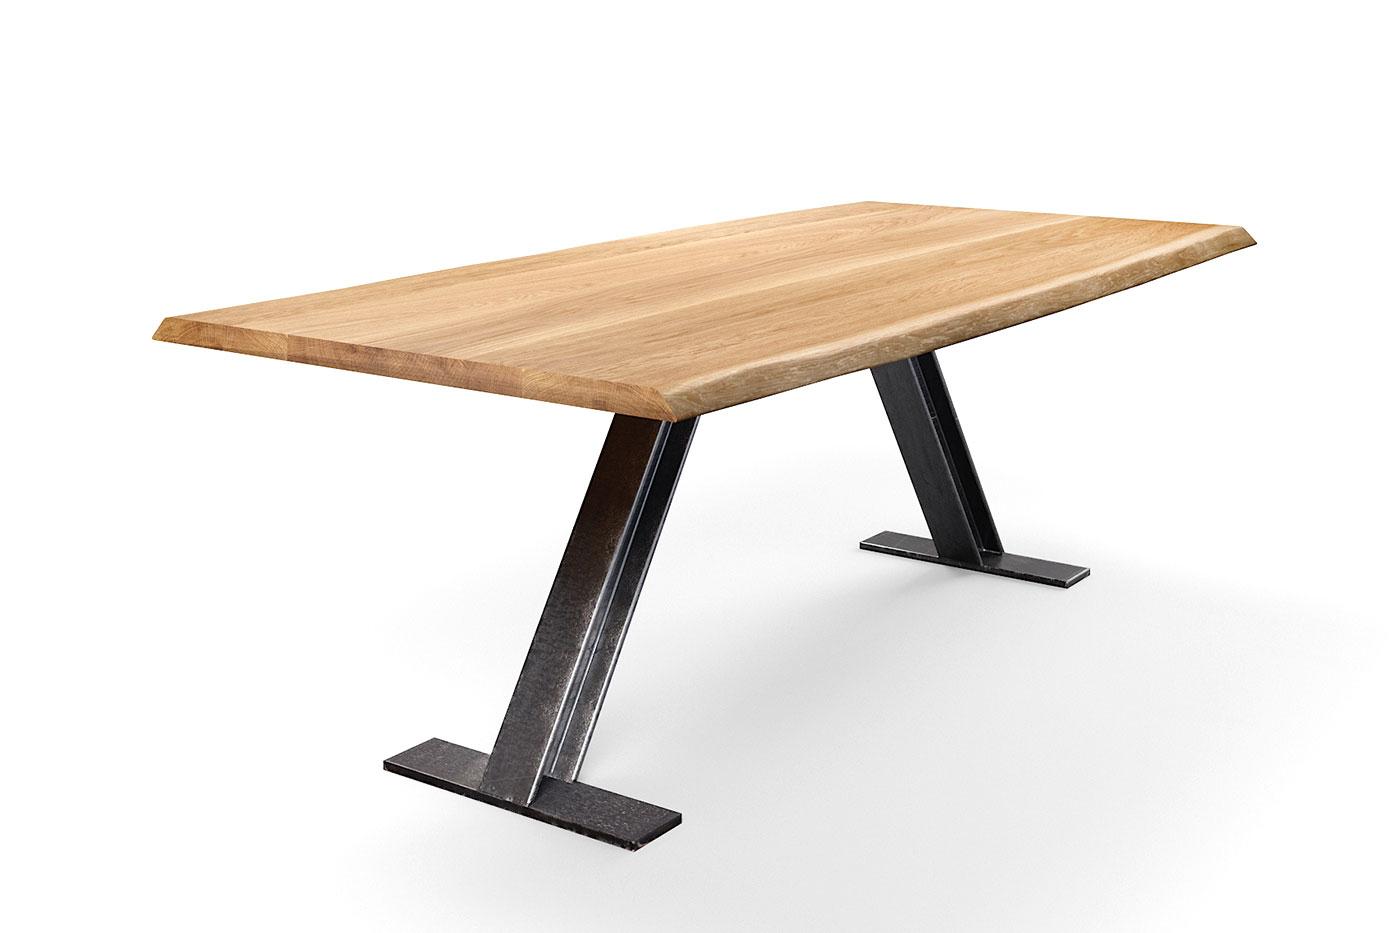 Baumkantenesstisch aus Eiche mit Stahlträger Tischgestell